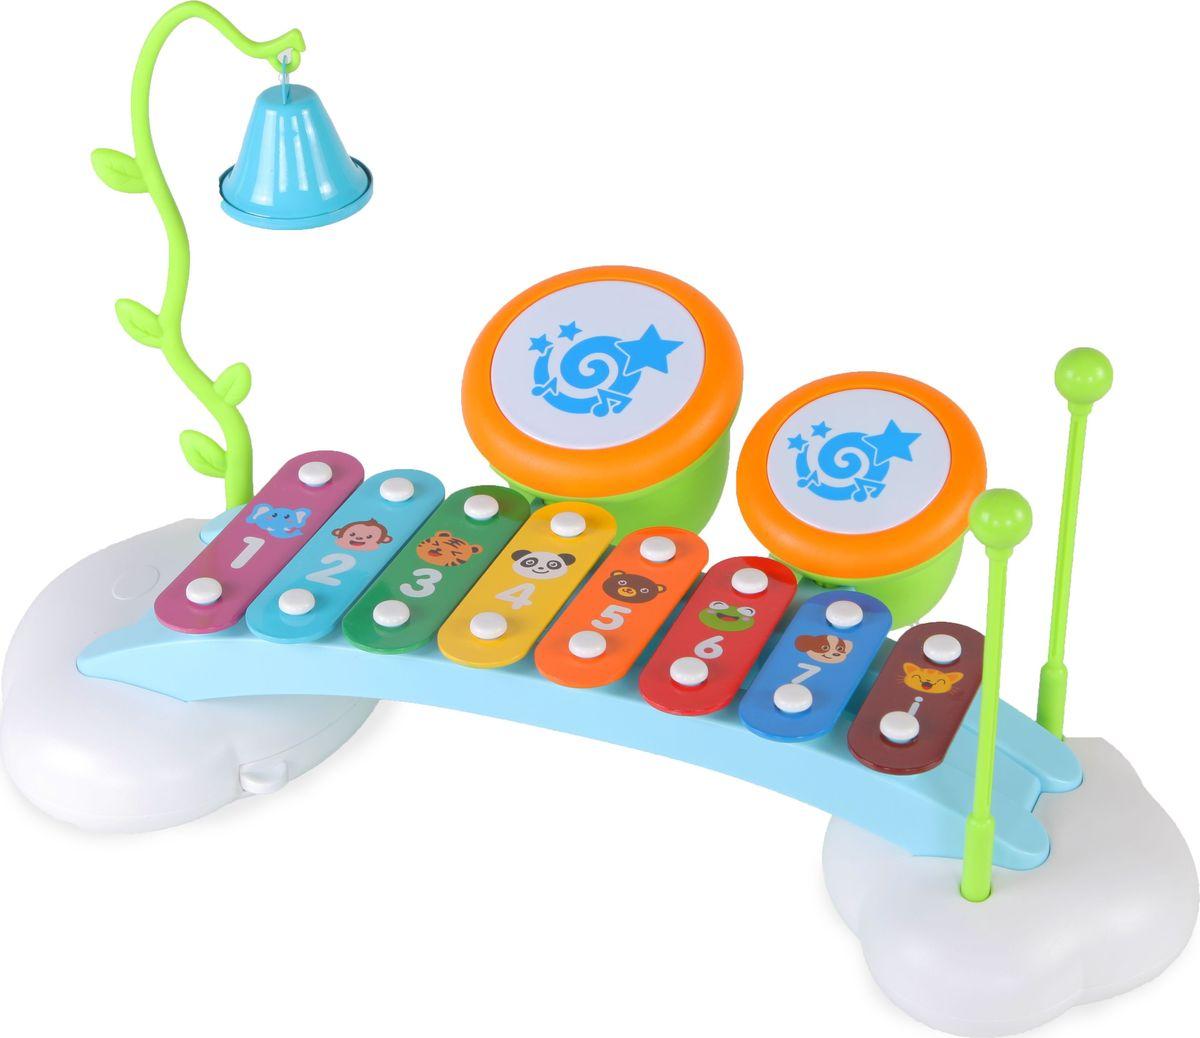 Huile Toys Музыкальный центр для малышей 3в1 Ксилофон Радуга Y61171 - Музыкальные инструменты